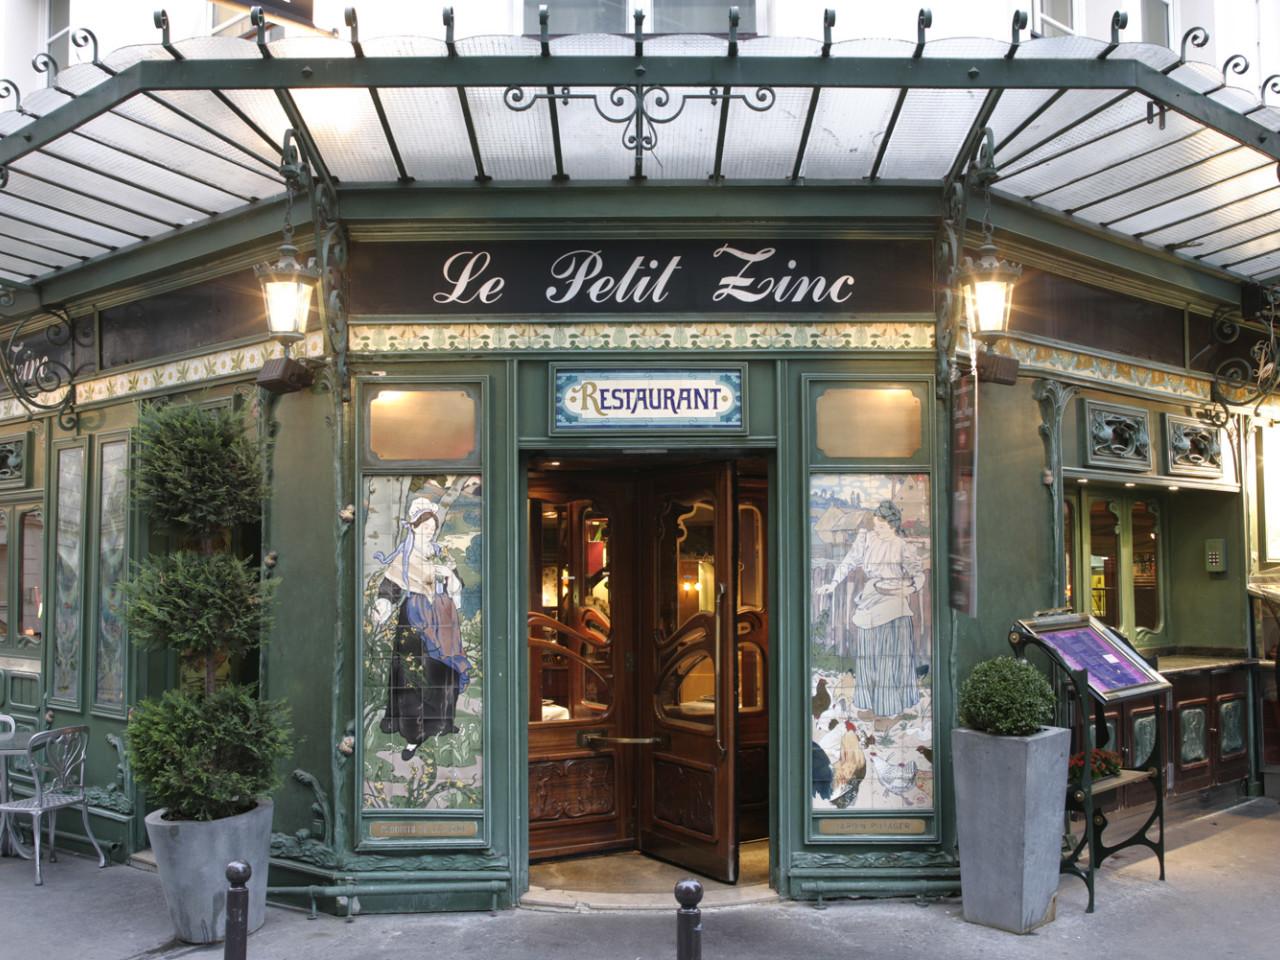 Le Petit Zinc - Saint-Germain Paris - Info e prenotazioni - Ristoranti consigliati a Parigi